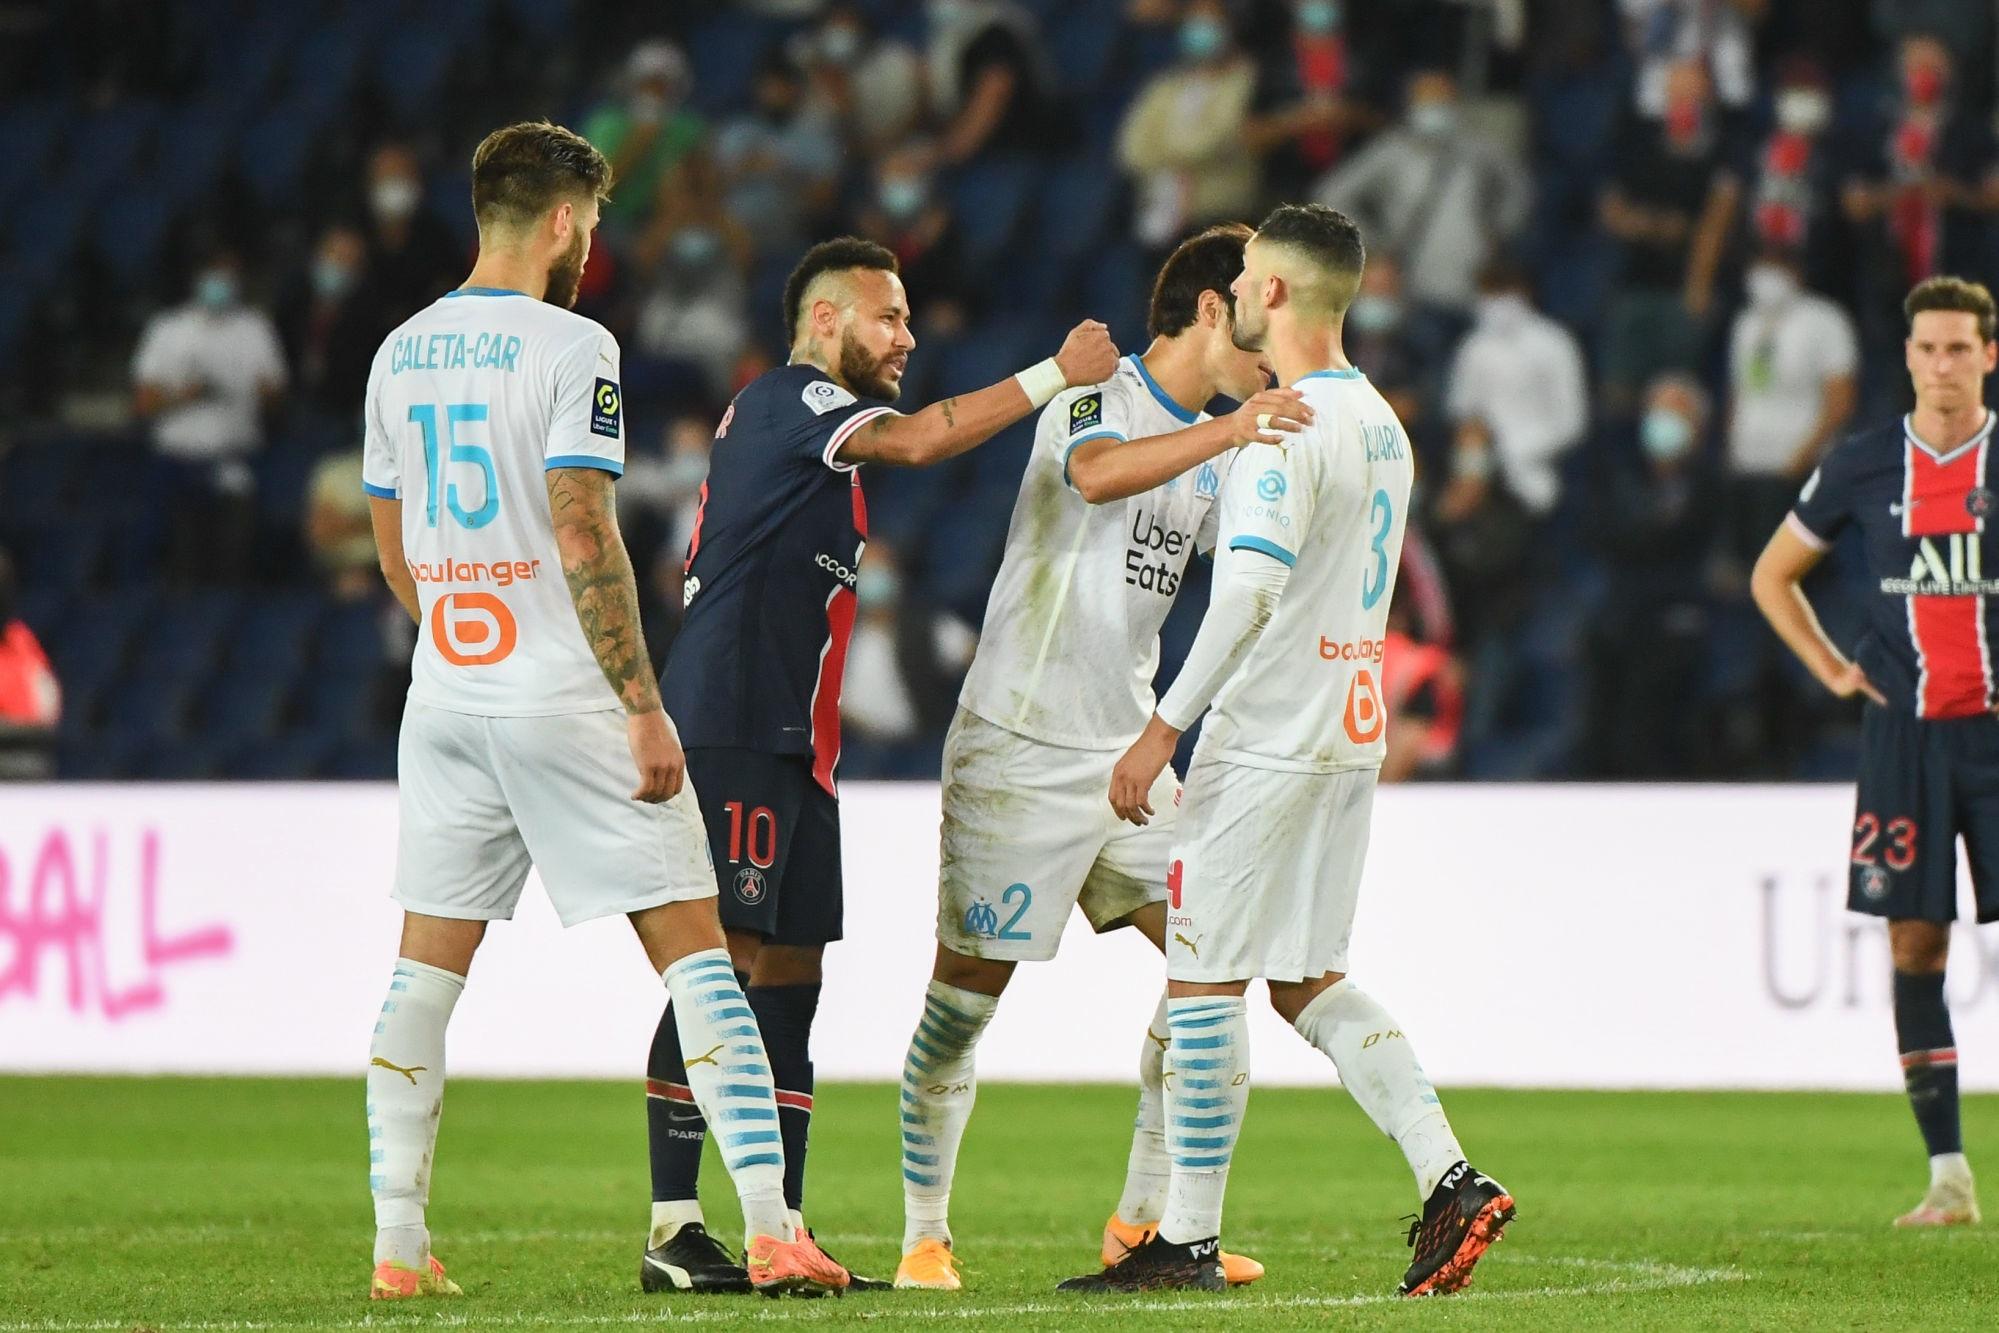 Alvaro Gonzalez a bien tenu de propos racistes à l'encontre de Neymar, confirme Le Parisien